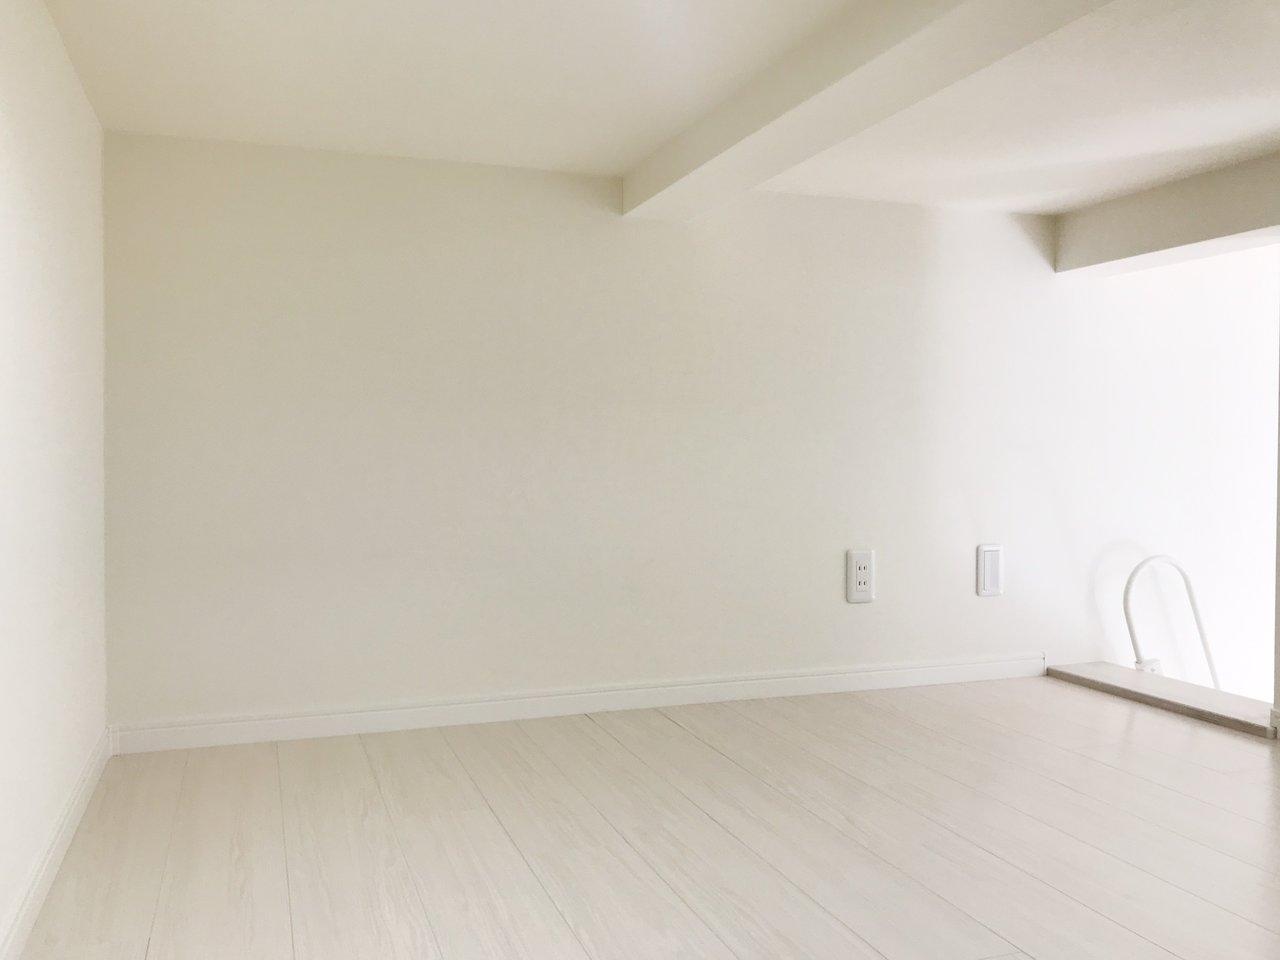 ロフトも実はこんなに高さがあるんです。155センチのライターでもちょっとかがめば立てるくらい。圧迫感を感じないので、寝室としてだけでなく、収納スペースとしても活用できそうですね。